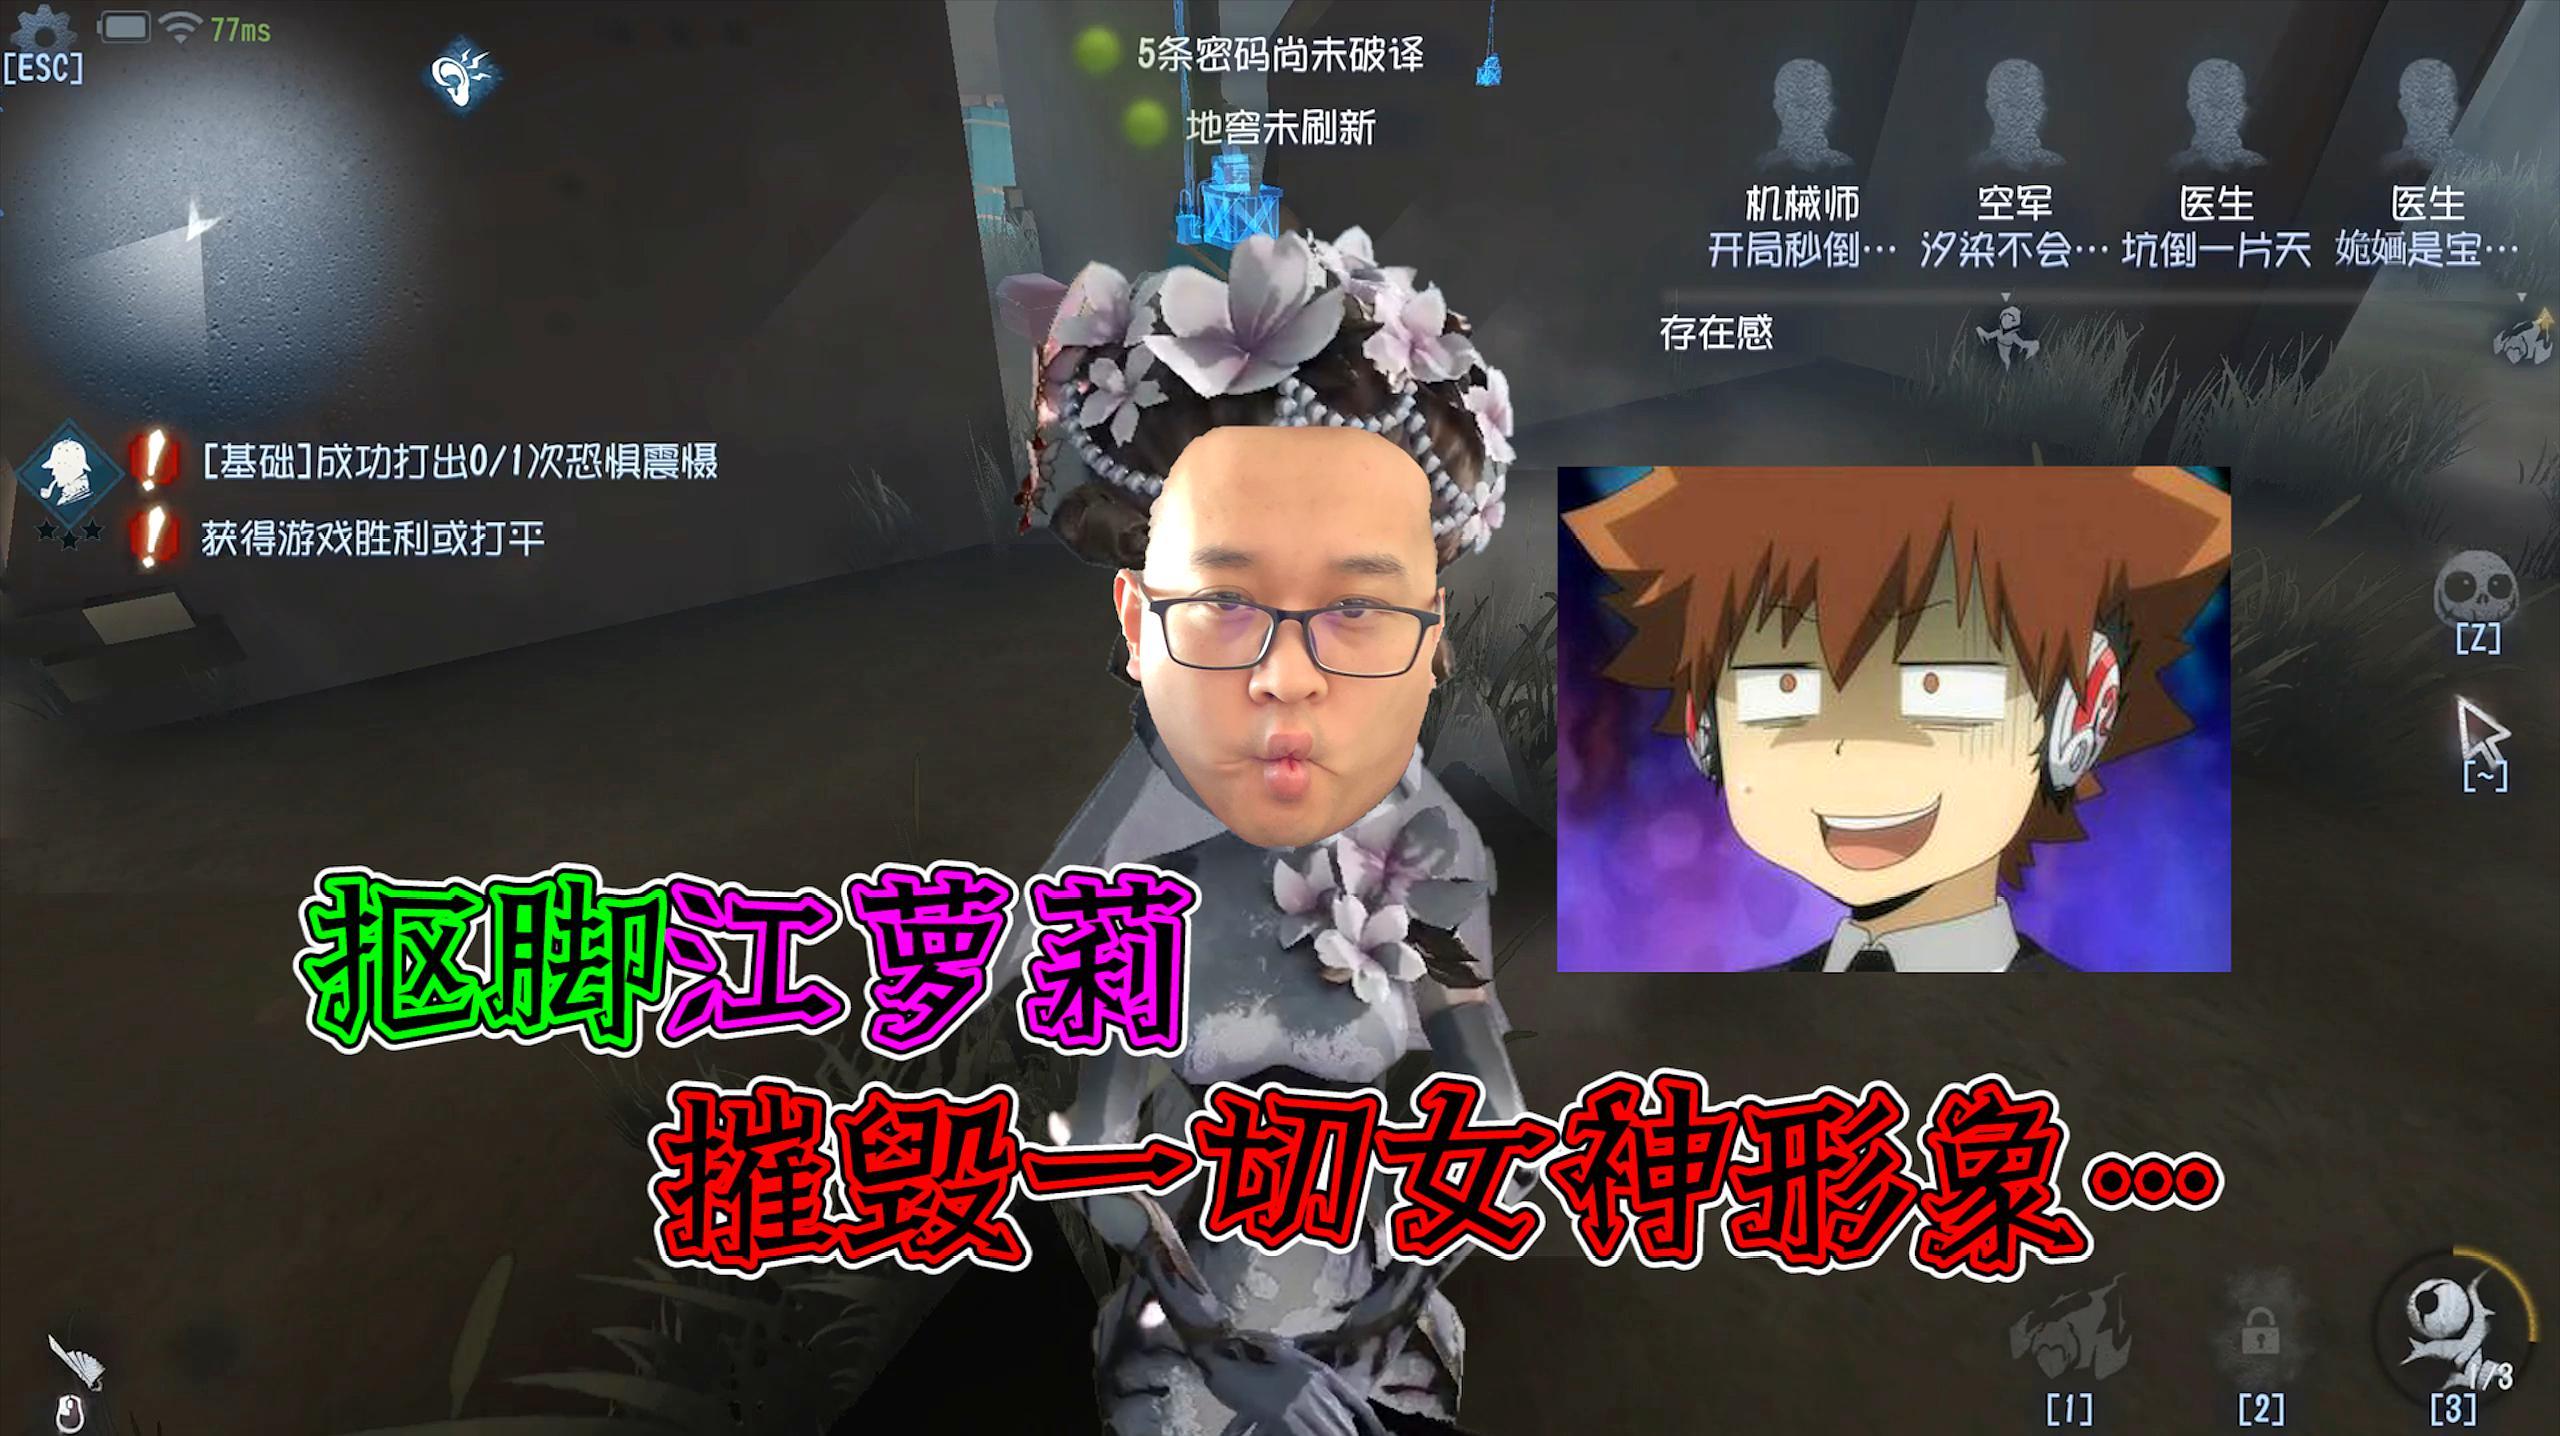 第五人格:正经的江叔摧毁我女神形象!必须让他报销飞机票!